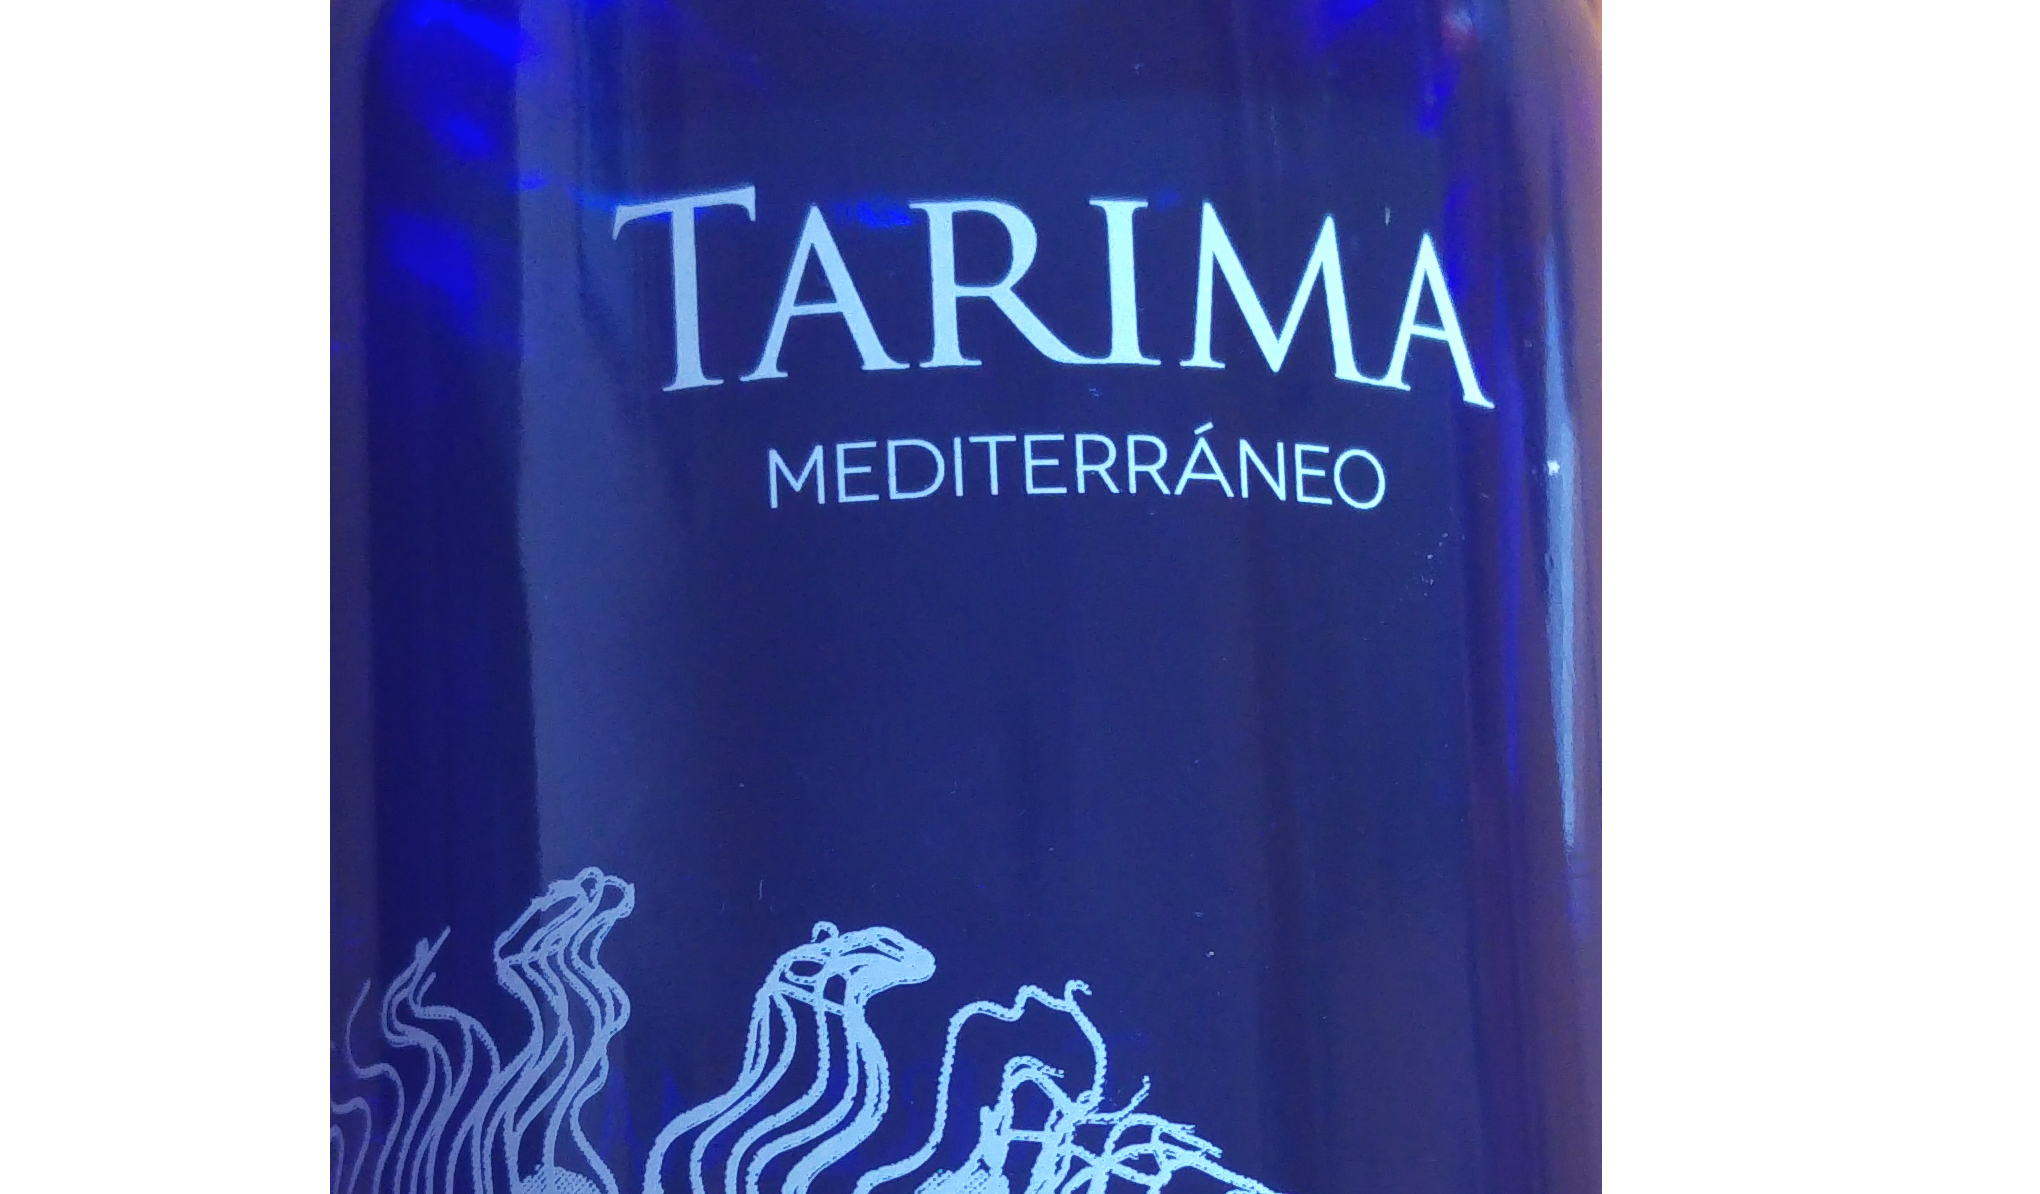 Tarima Mediterráneo 2017